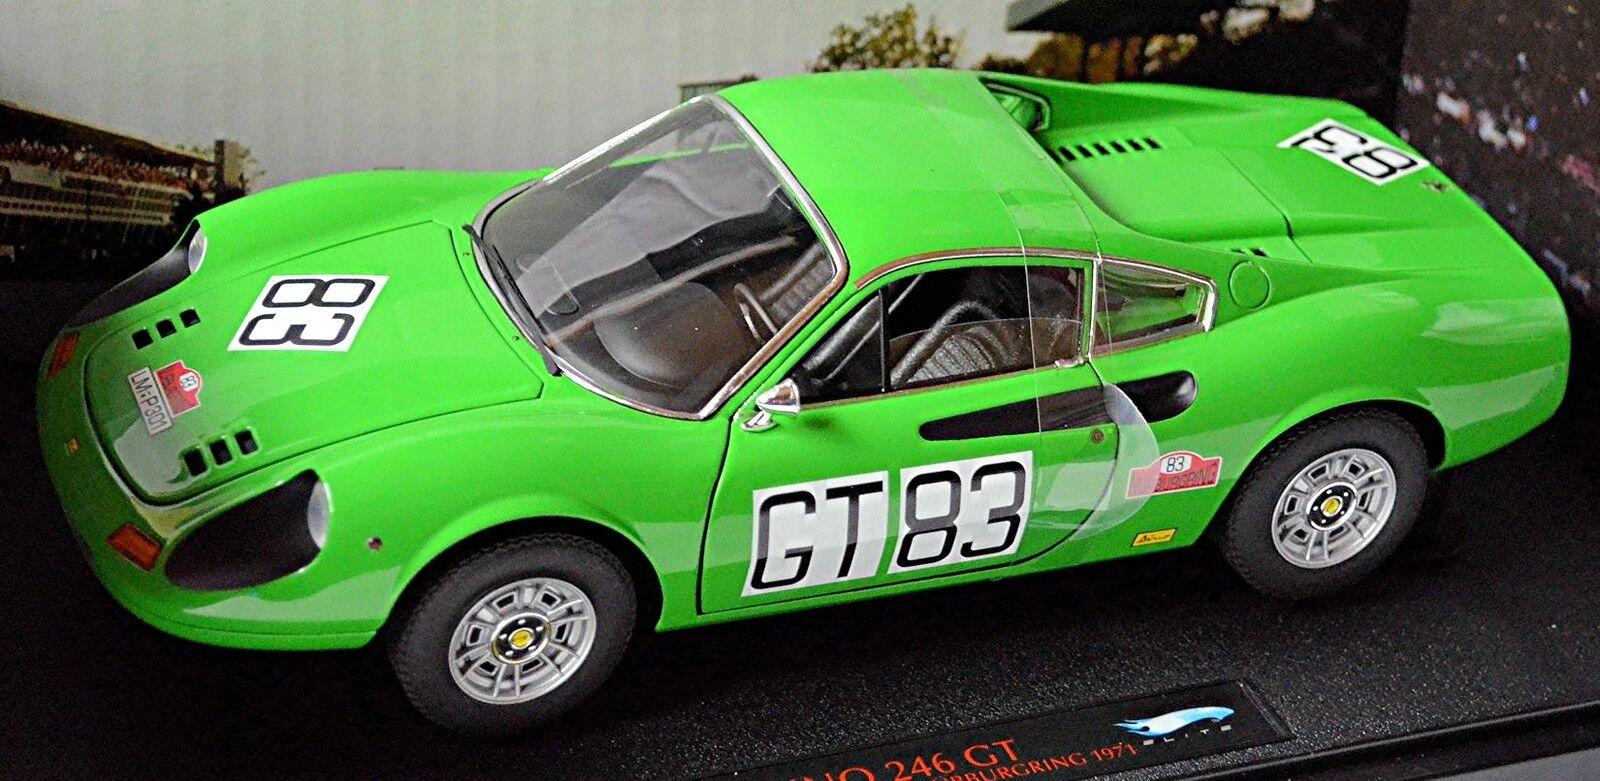 al precio mas bajo Ferrari Dino 246 GT 1000km of nurburgring 1971 1971 1971  gt 83 verde verde 1 18 elite-hotw  autorización